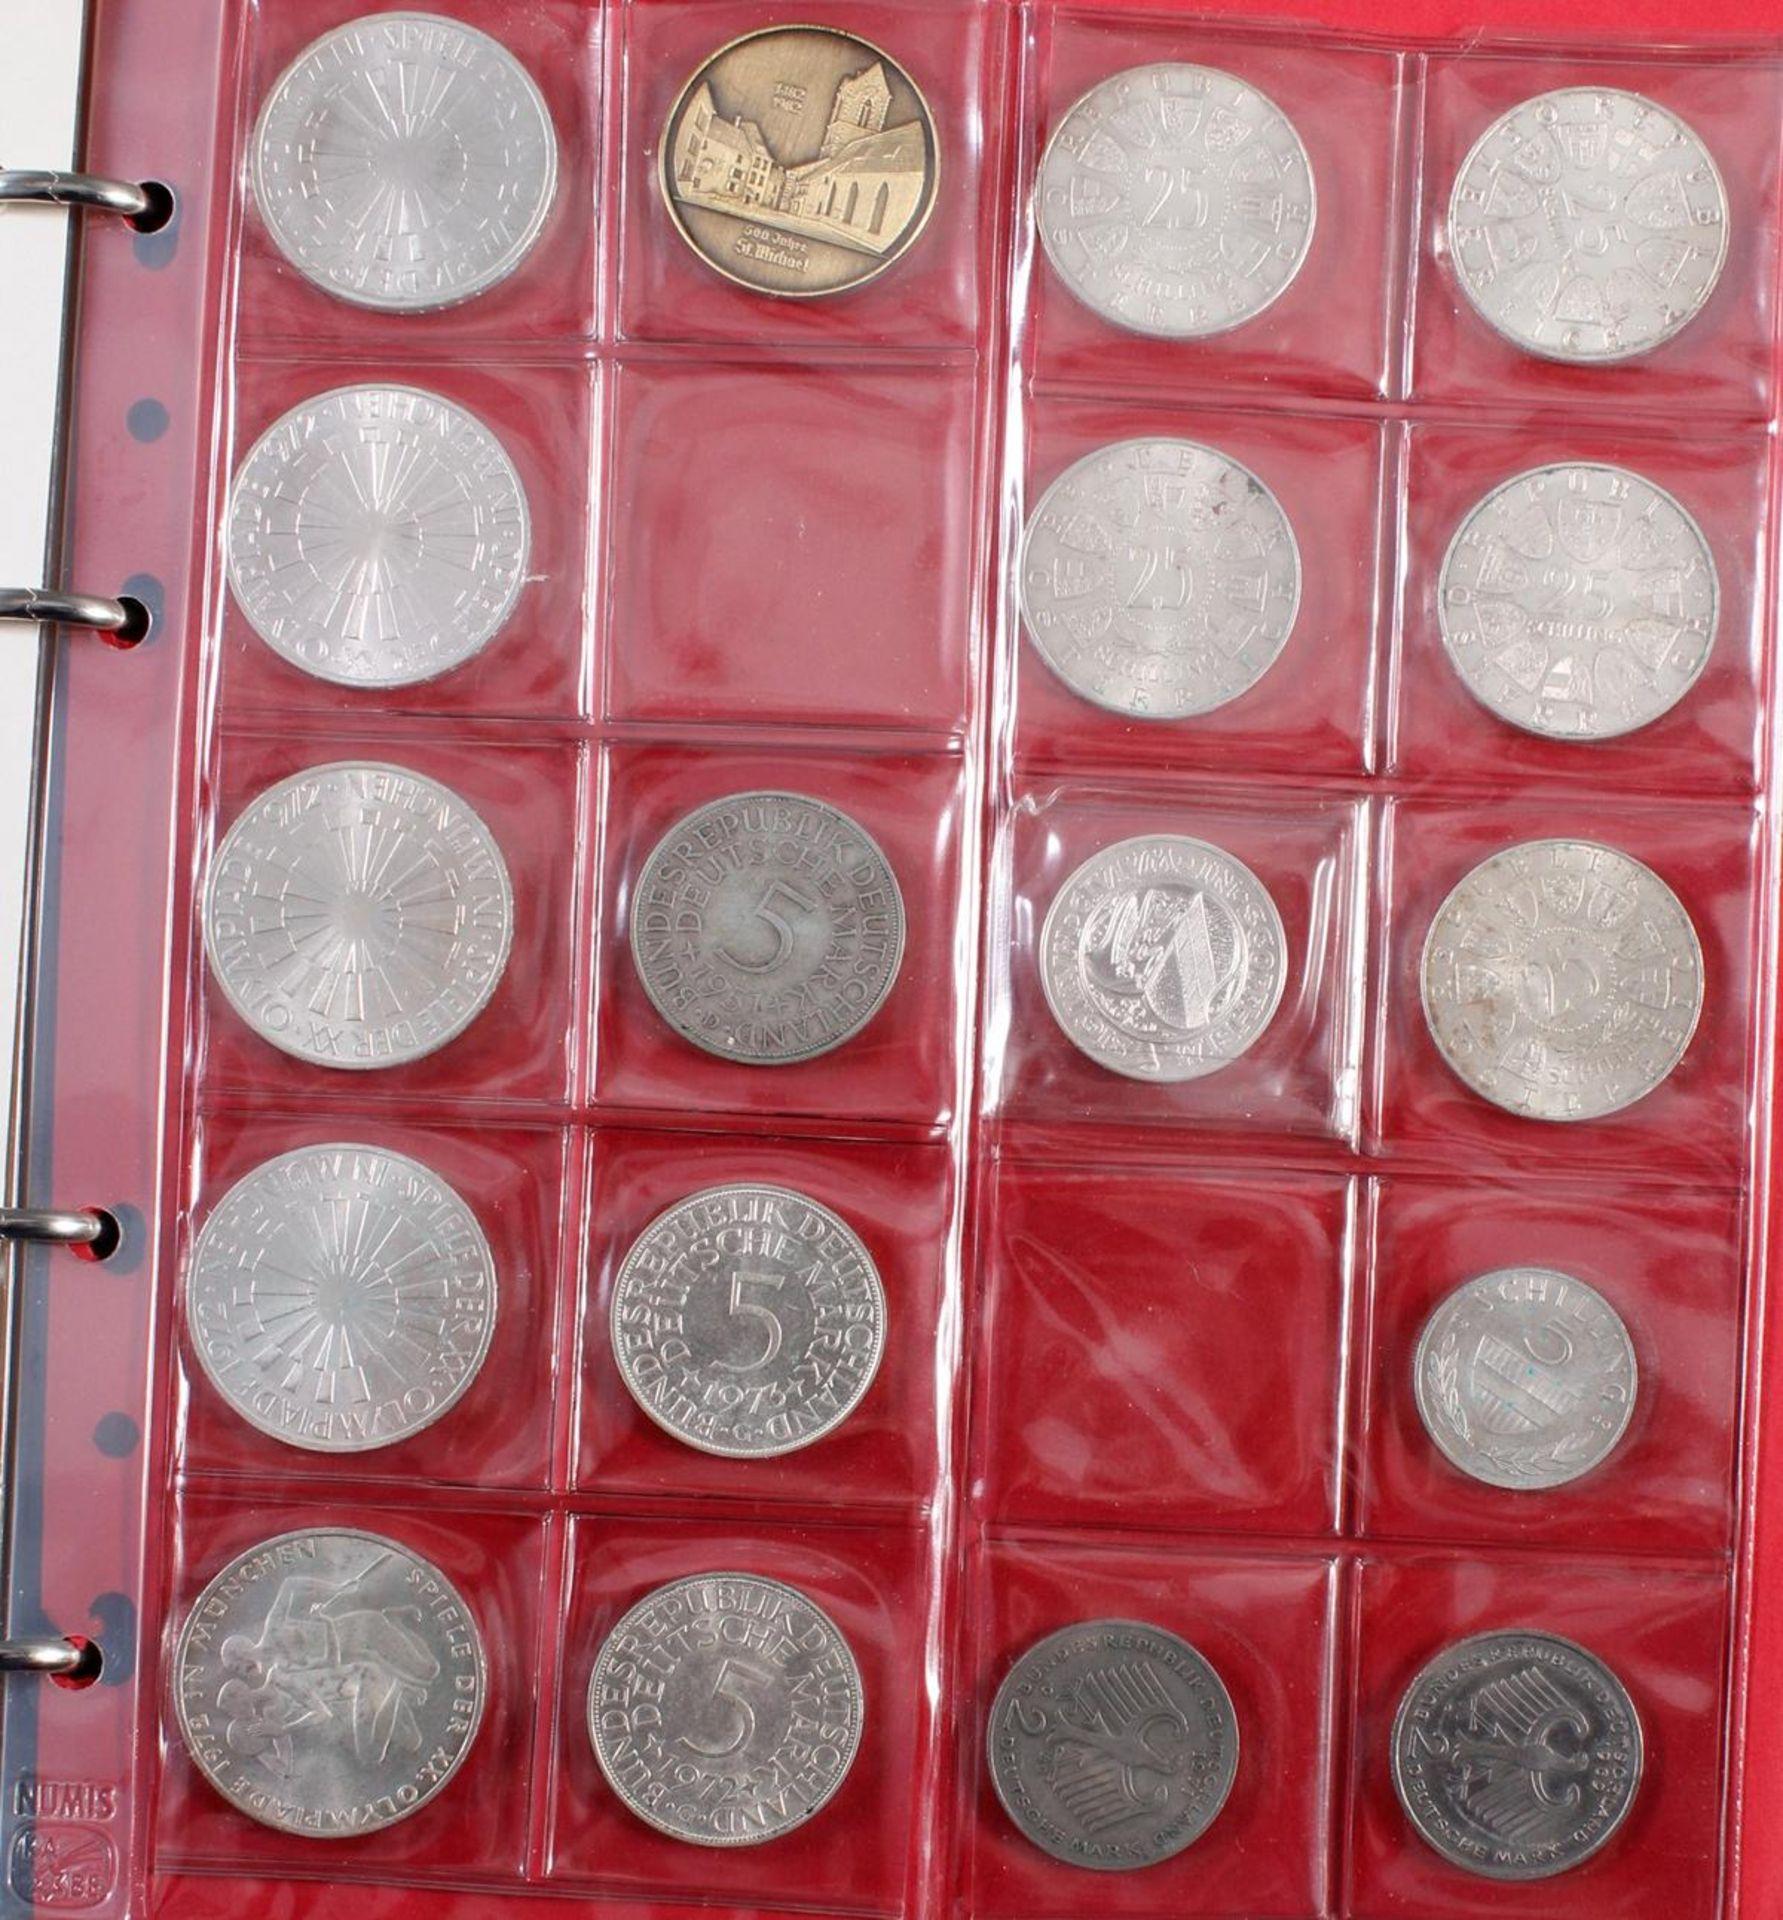 Münzsammlung BRD und alle Welt mit einer Goldmünze - Bild 5 aus 15